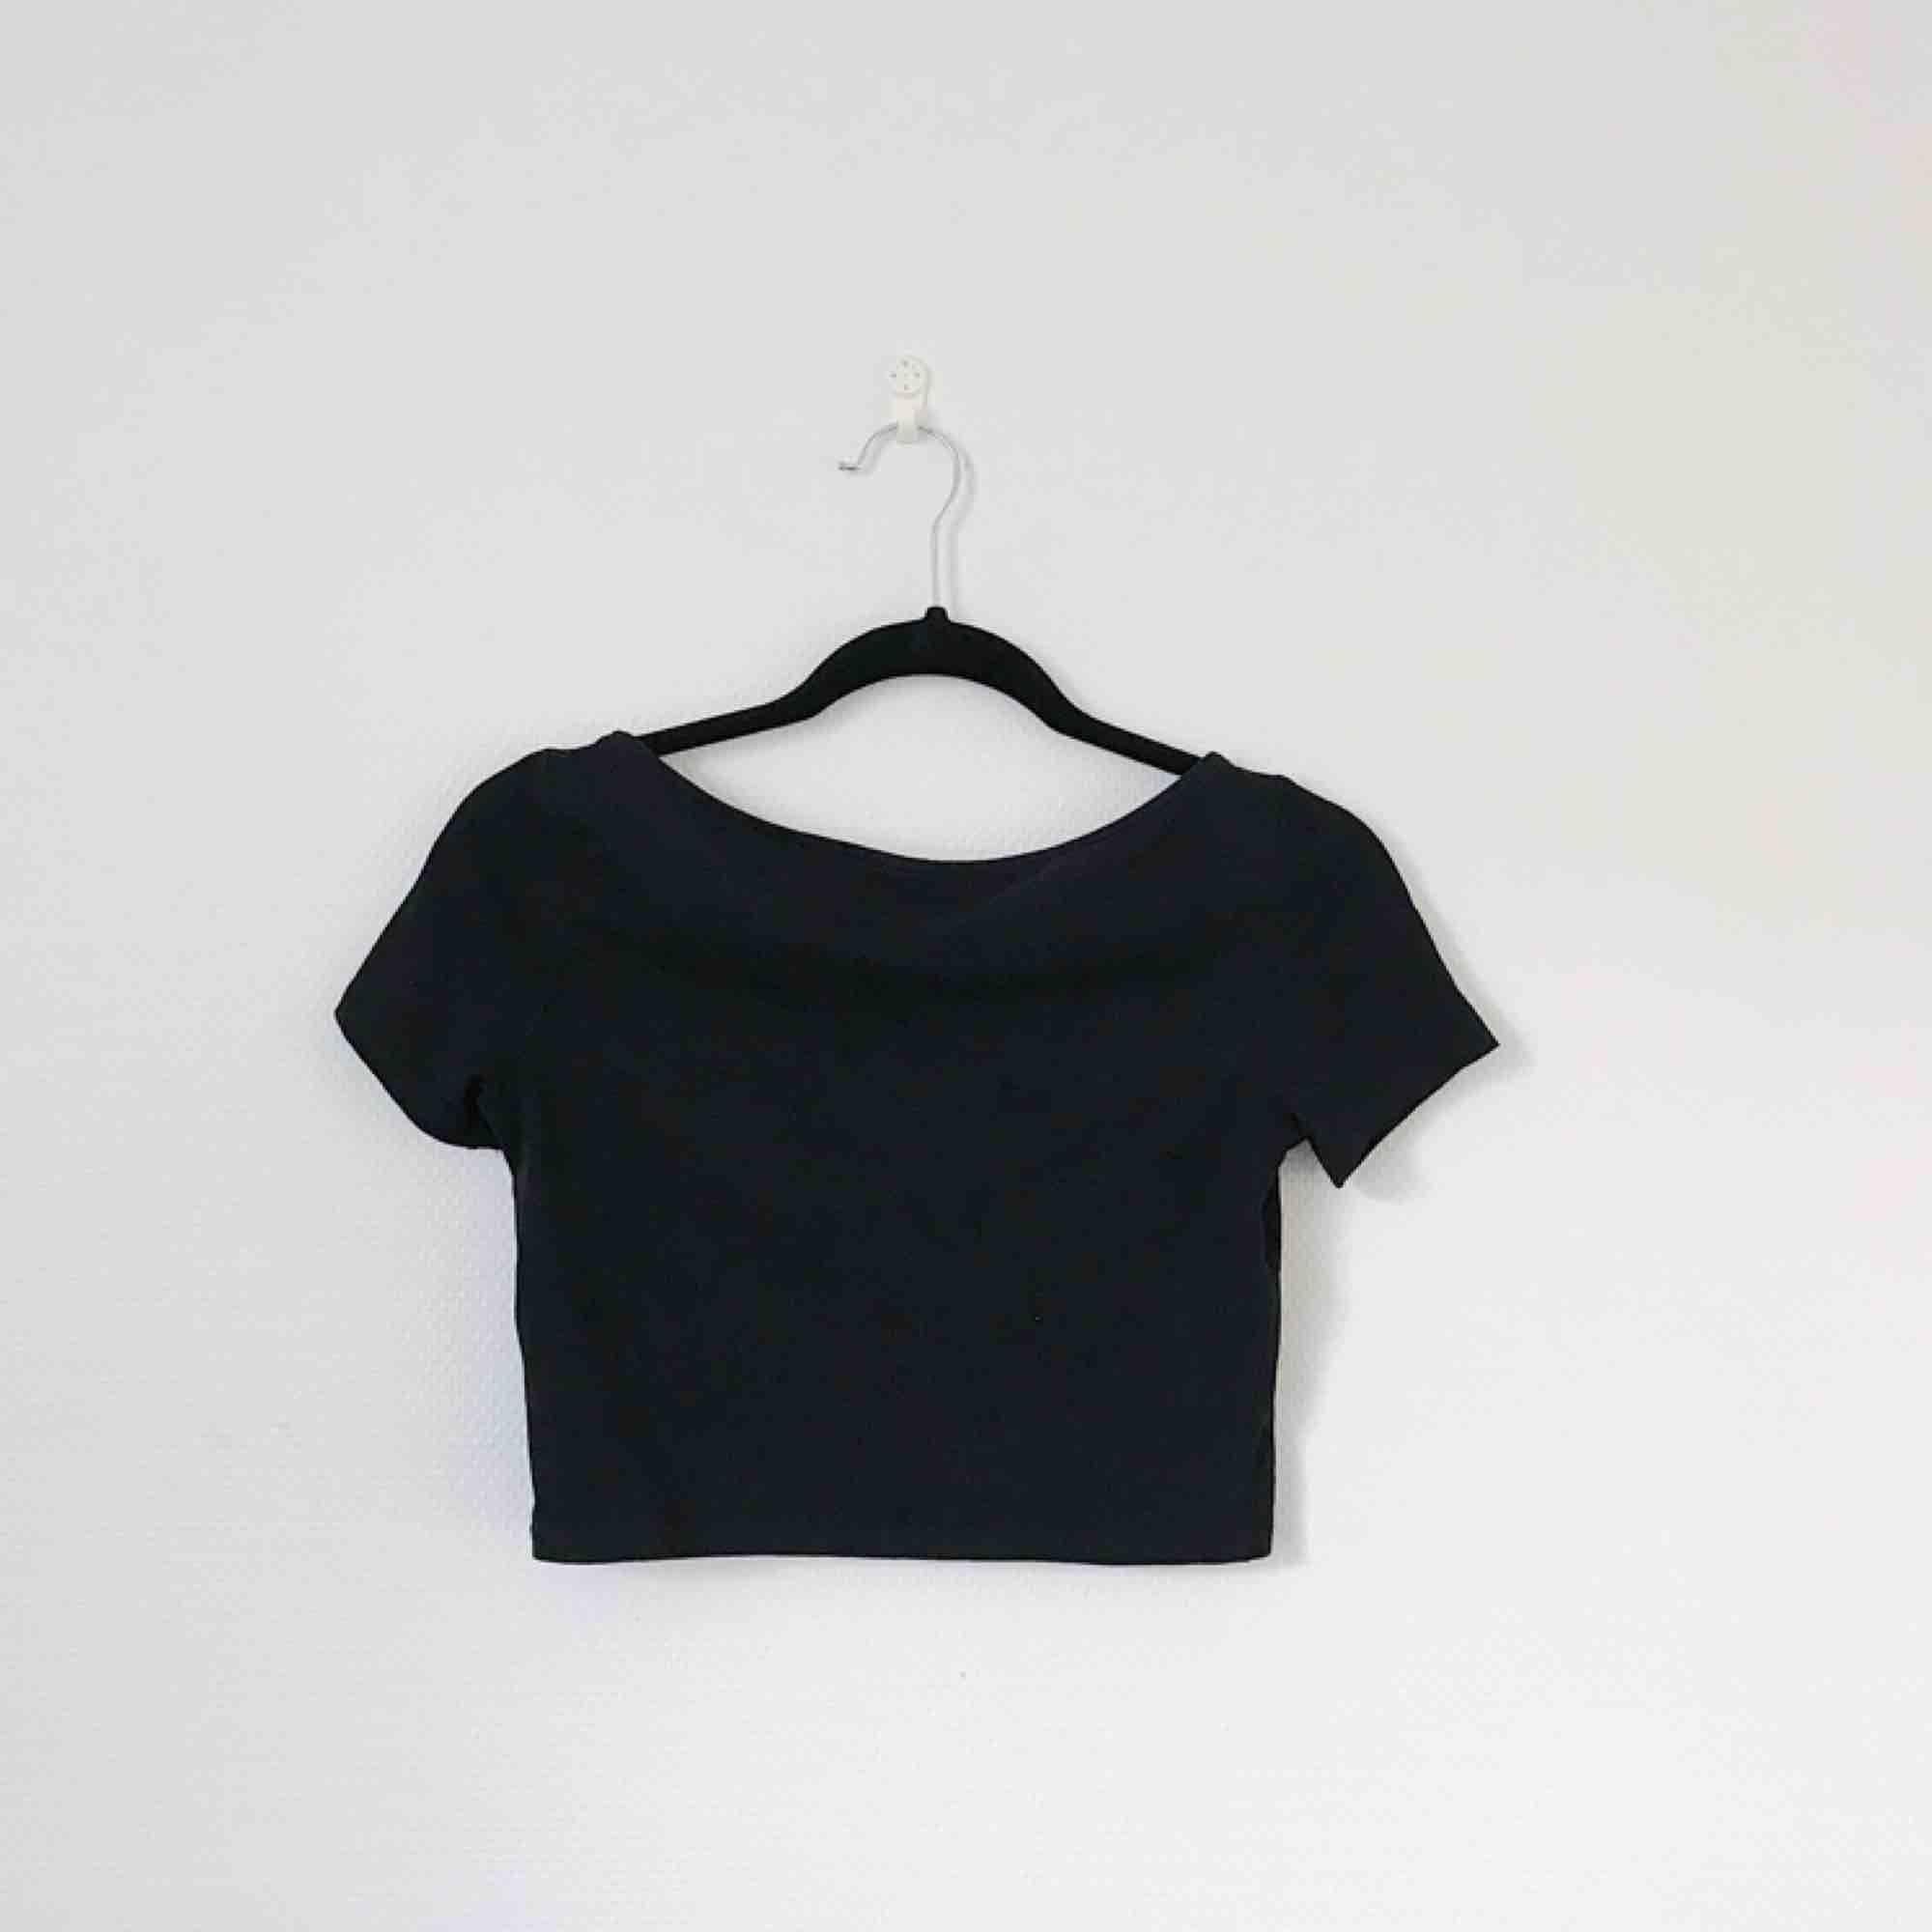 Svart croppad T-shirt från H&M Divided i storlek S. Bra basicplagg att matcha till högmidjade byxor! Frakt på 20 kronor tillkommer. . T-shirts.